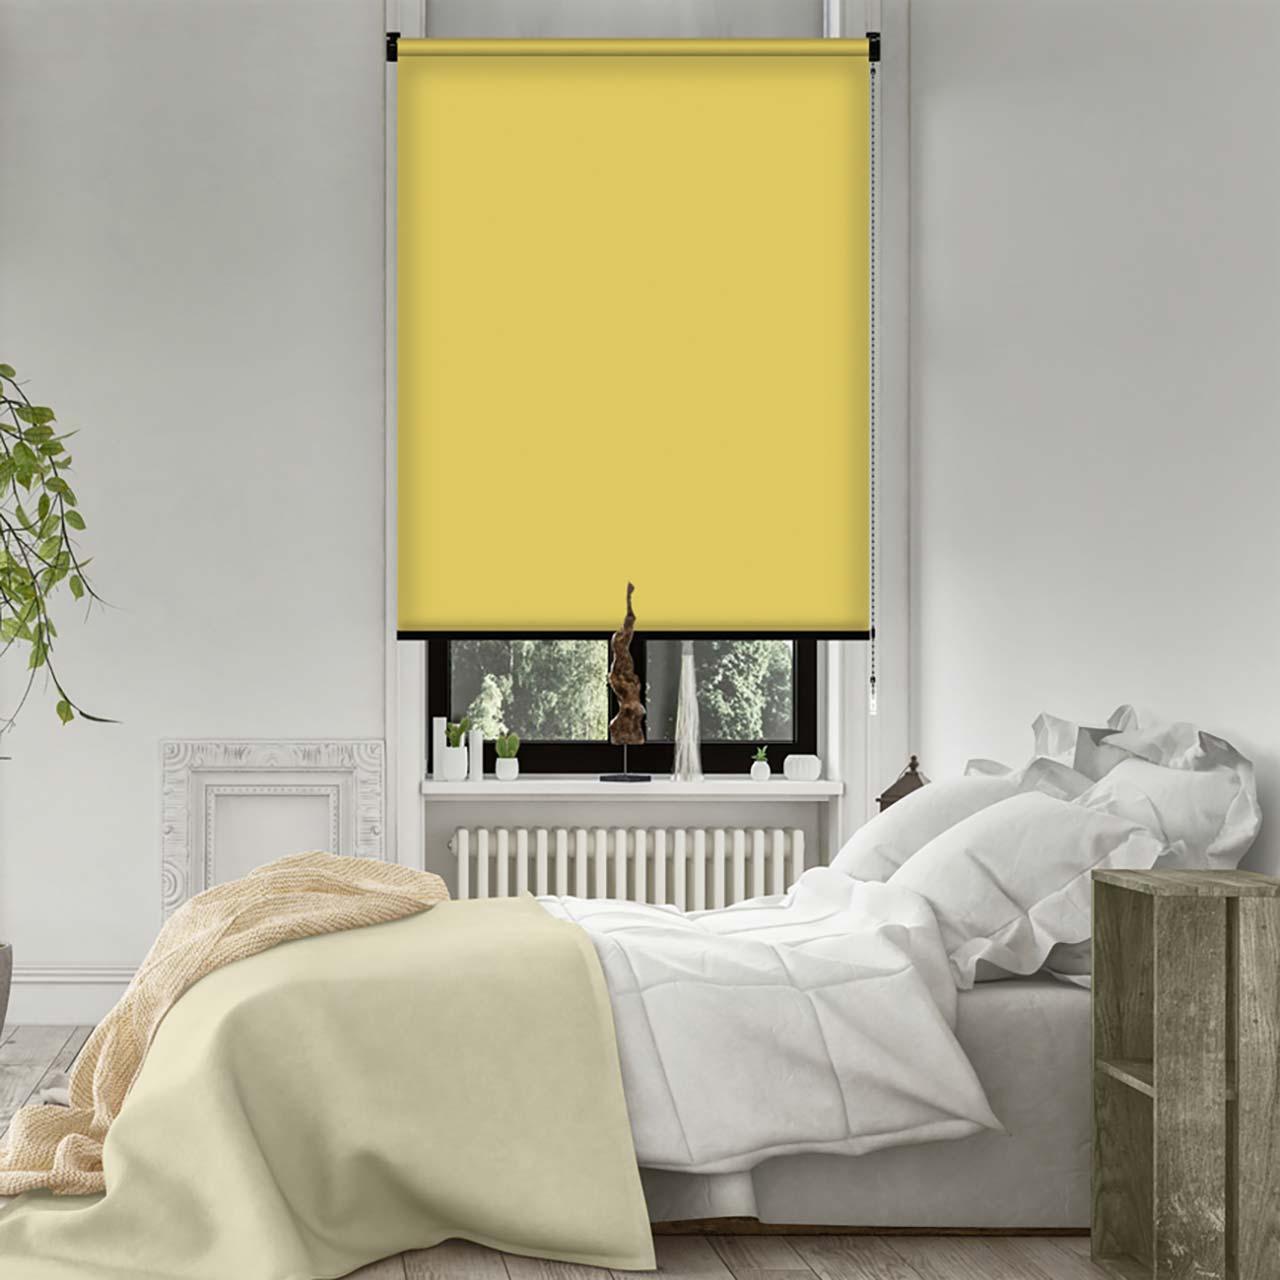 Sunovum Light | preiswertes Sonnenschutzrollo mit Bedienkette